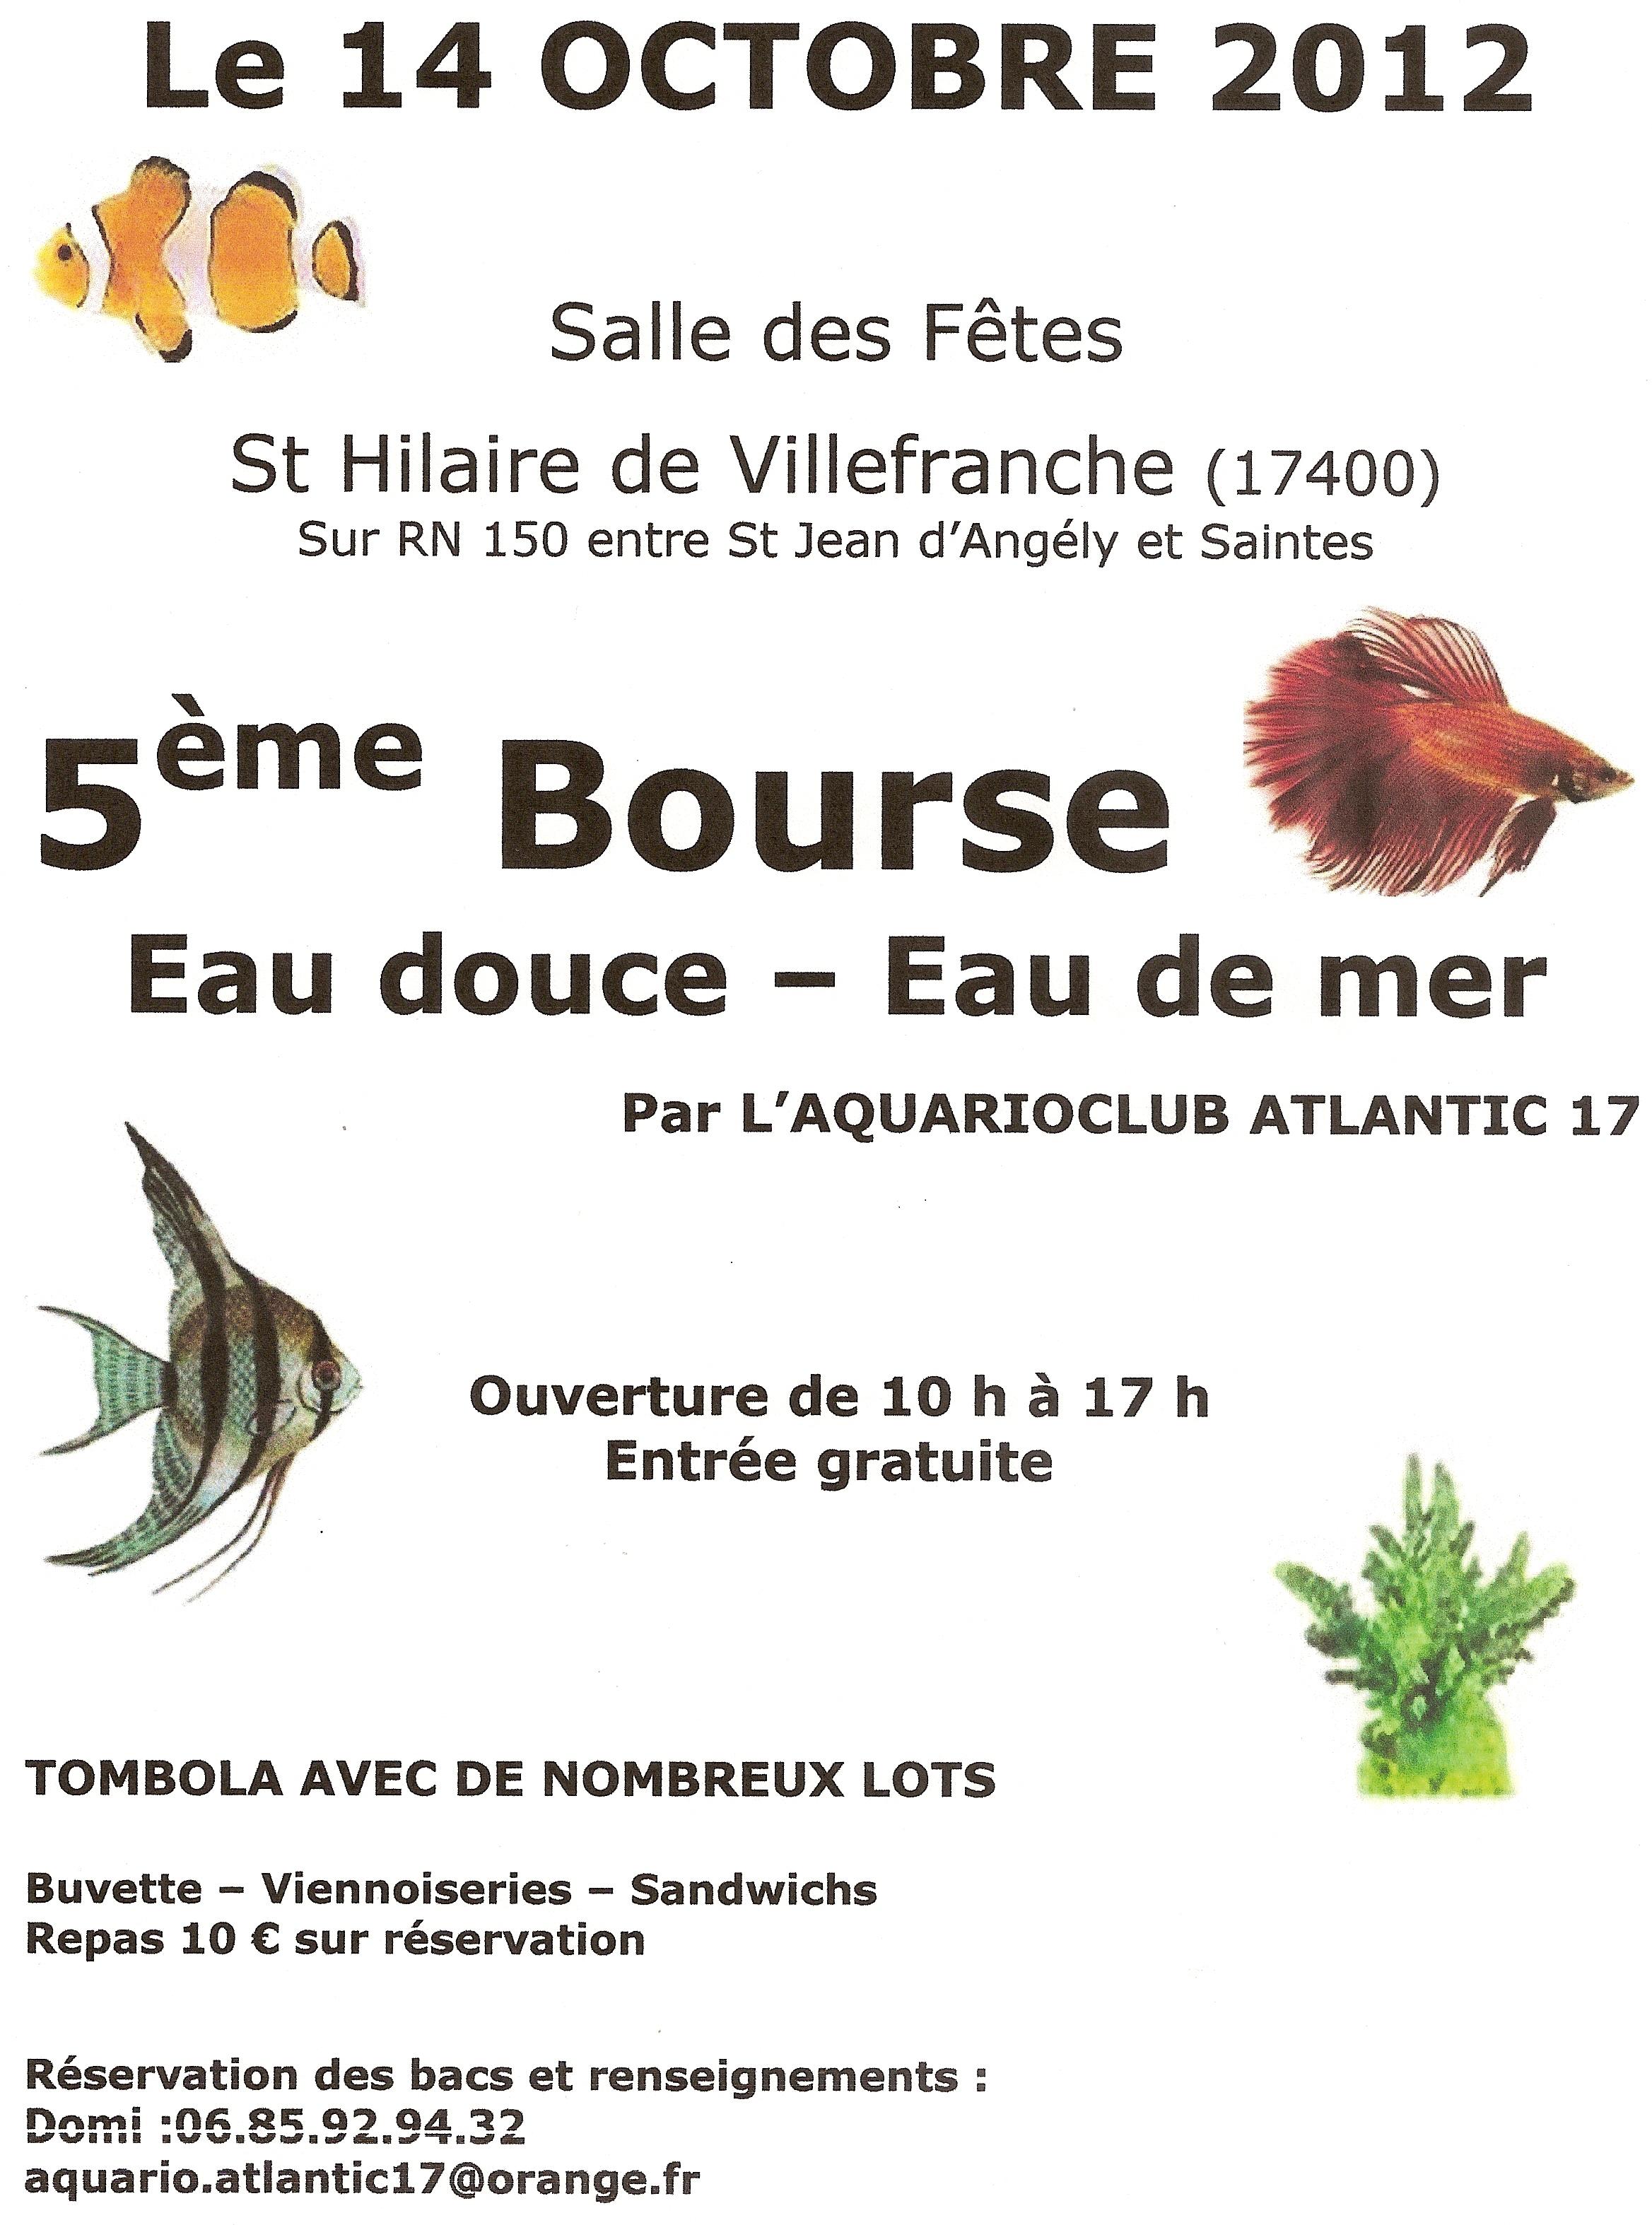 Bourse de St Hilaire de Villefranche le 14 octobre 529770Affiche